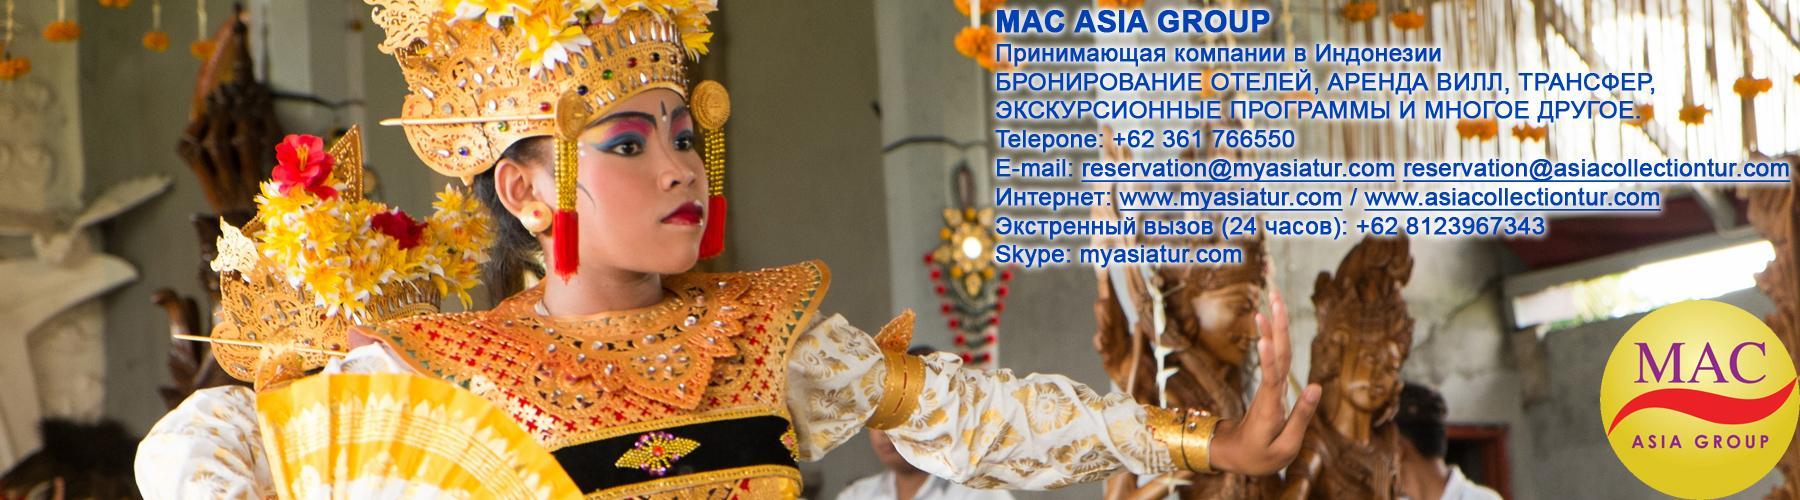 Специальные предложения от отелей в Индонезии